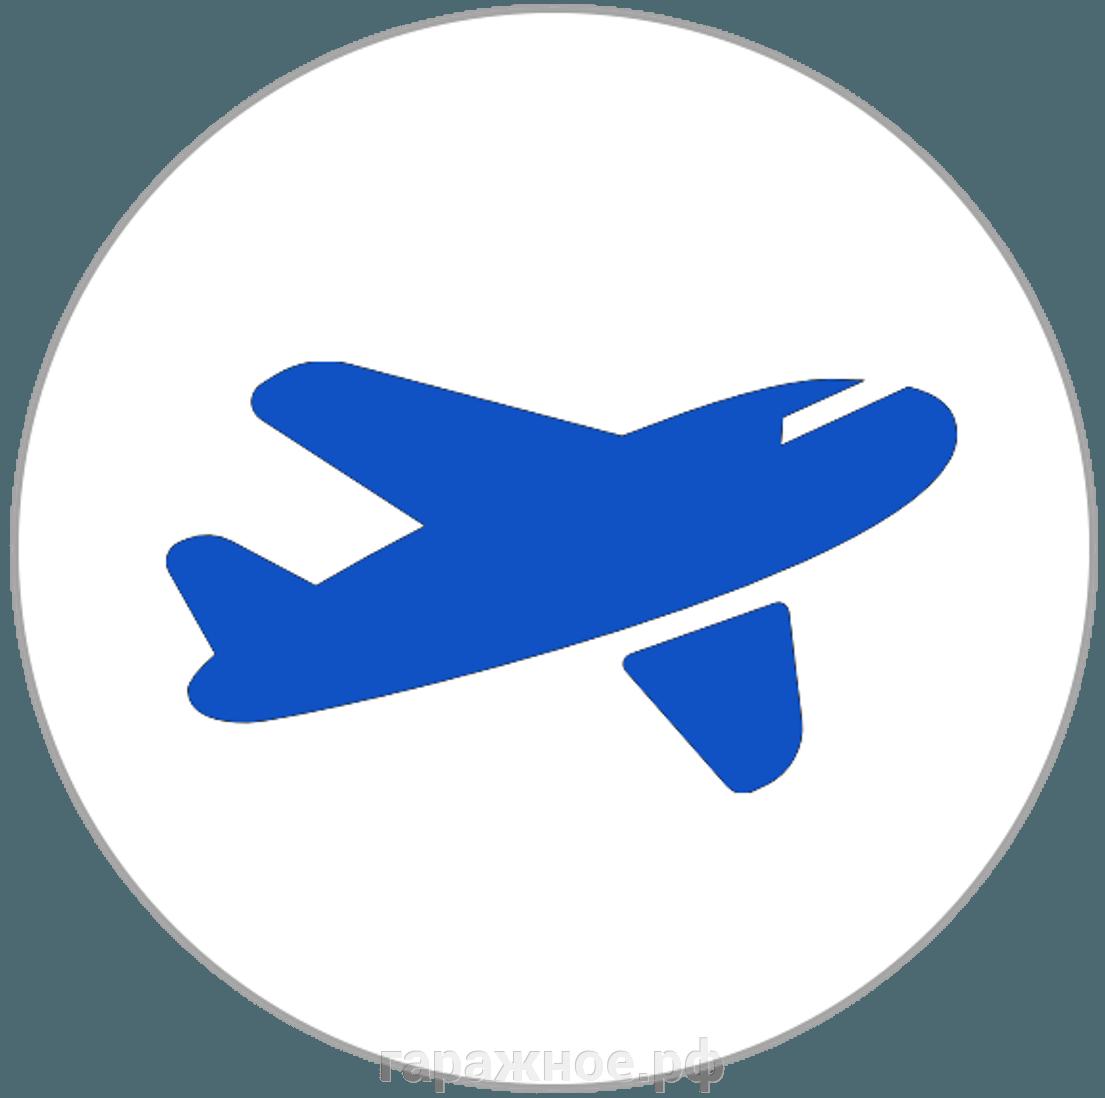 Пускозарядное авиа техника